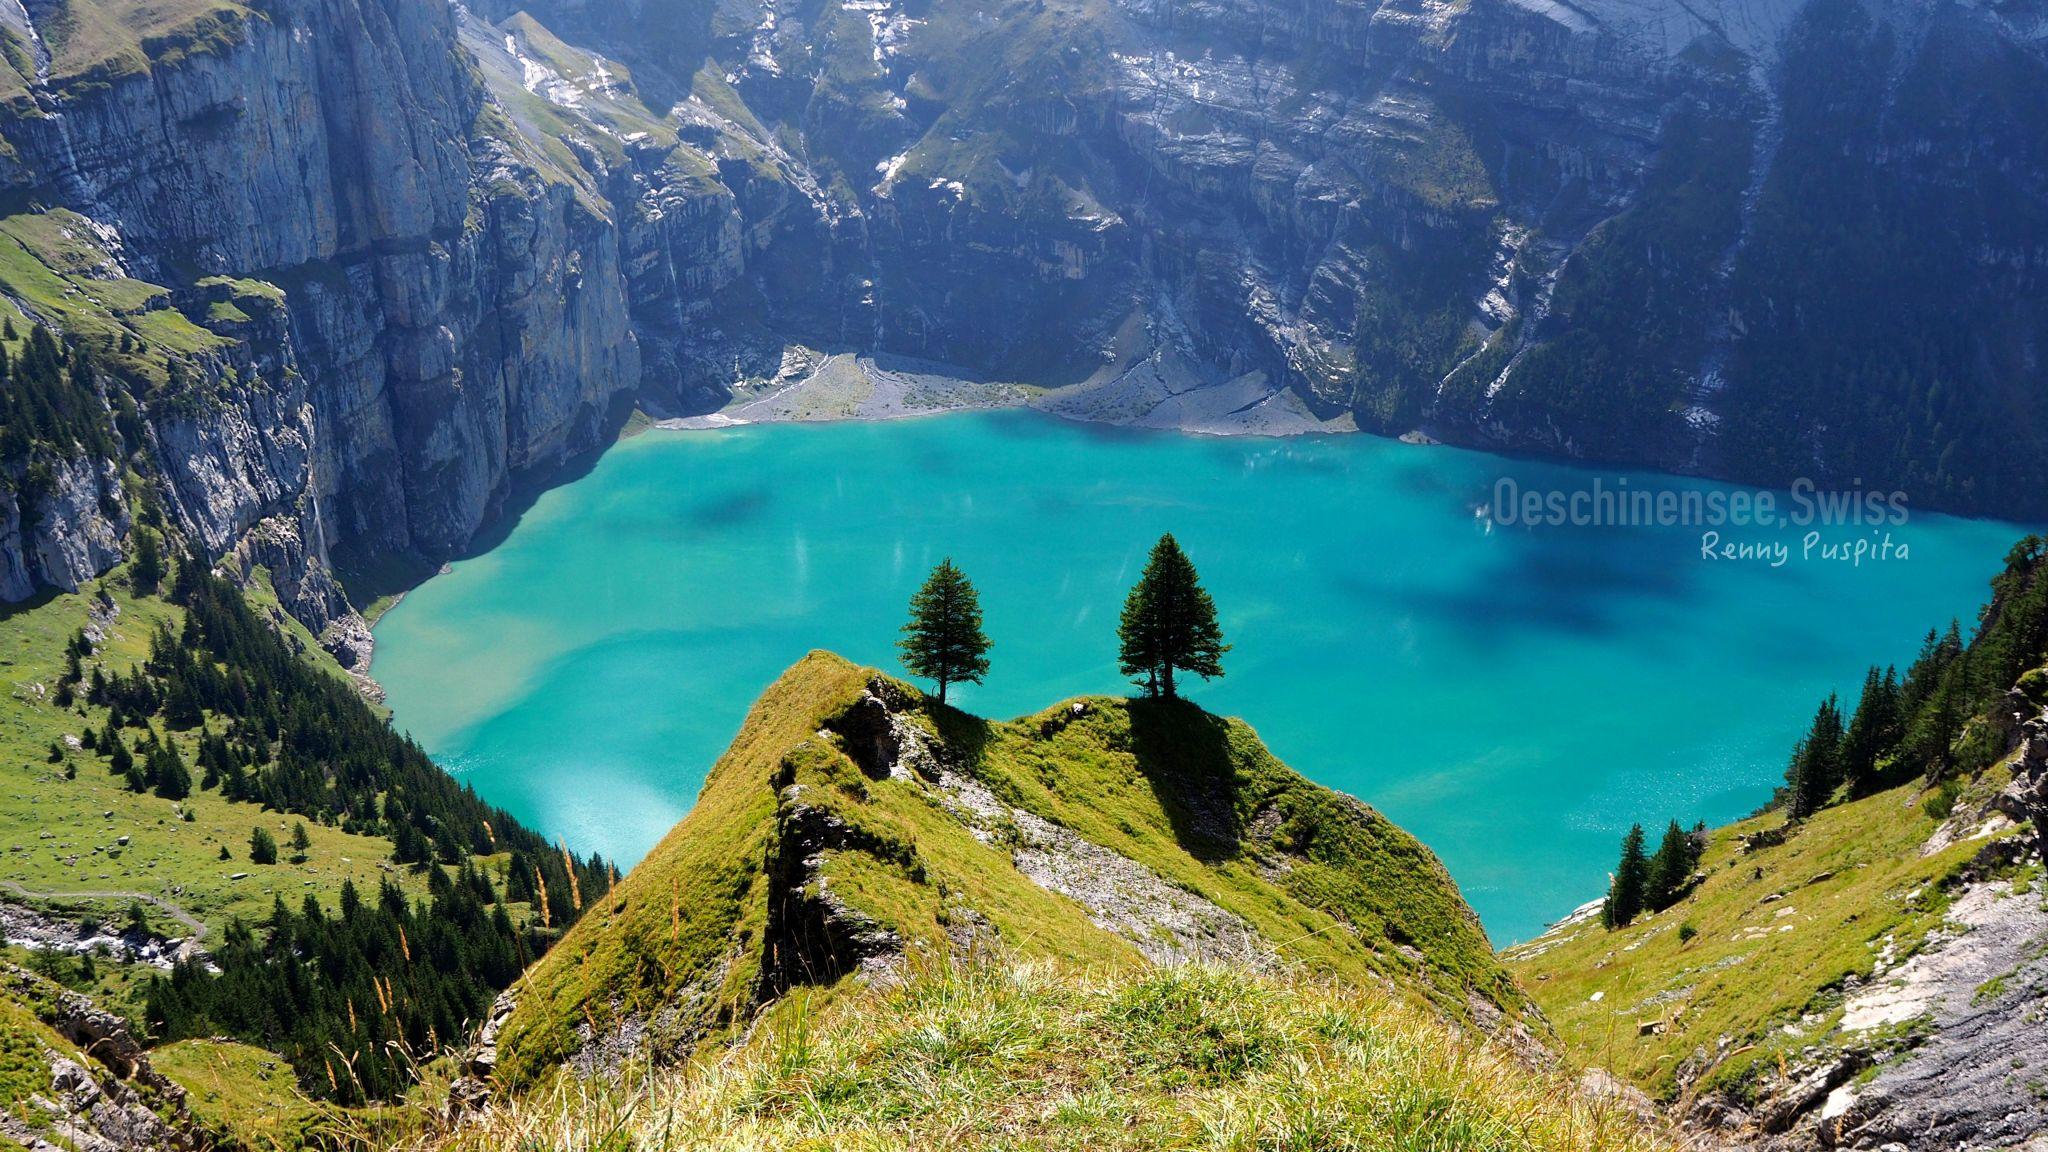 Oeschinensee, Kandersteg - Switzerland, Switzerland